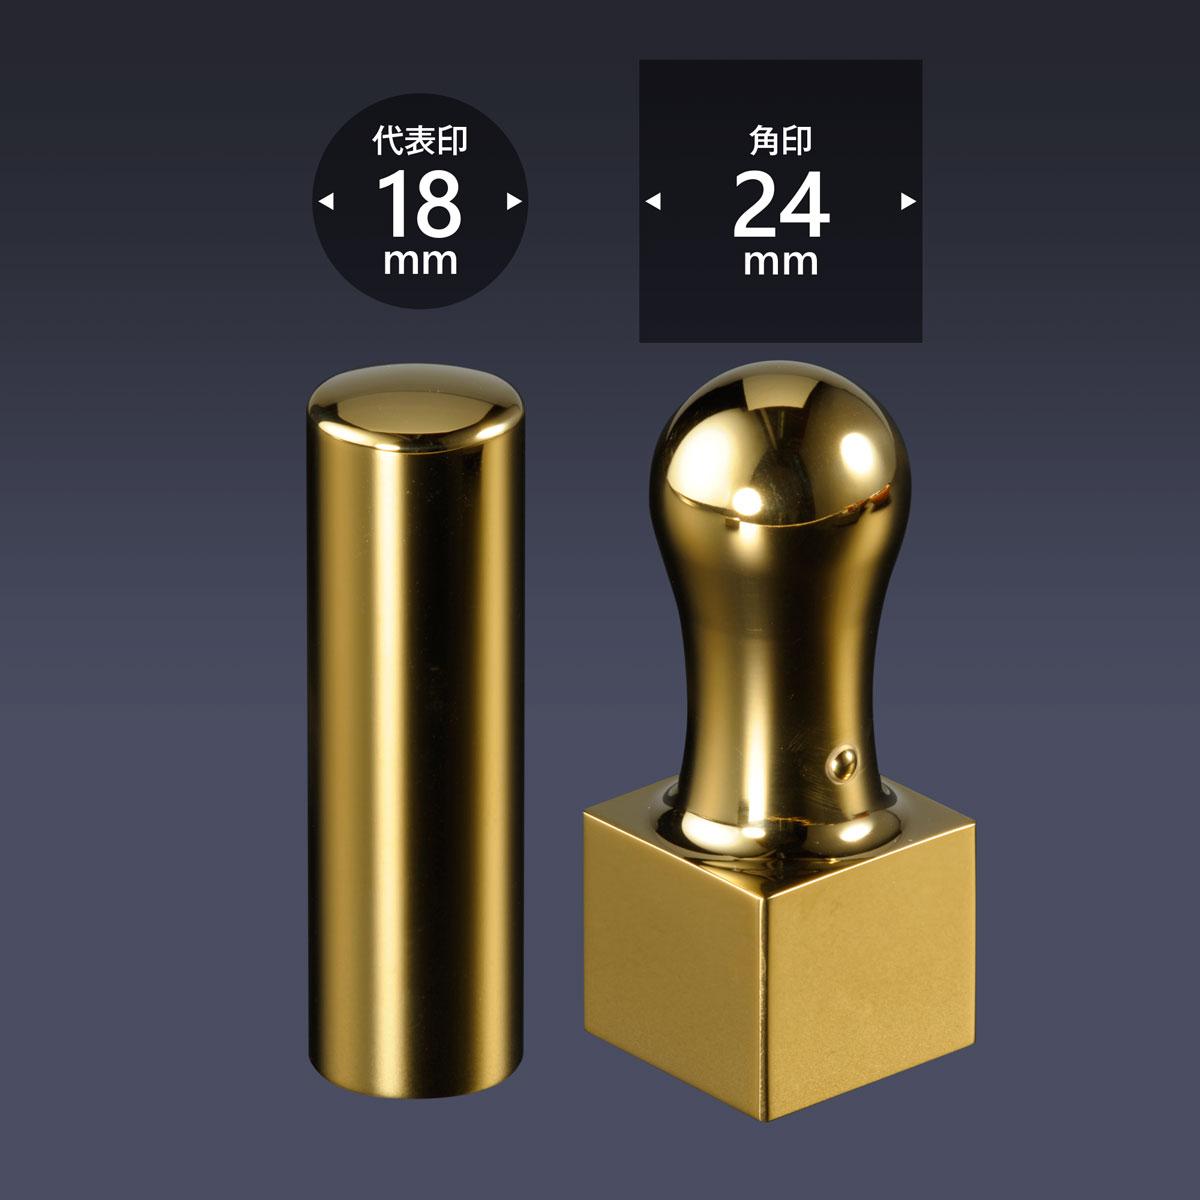 会社印 ミラーチタン(ゴールド)2本A24セット/ 法人 会社設立 実印 銀行印 角印 女性 法人印鑑 社印